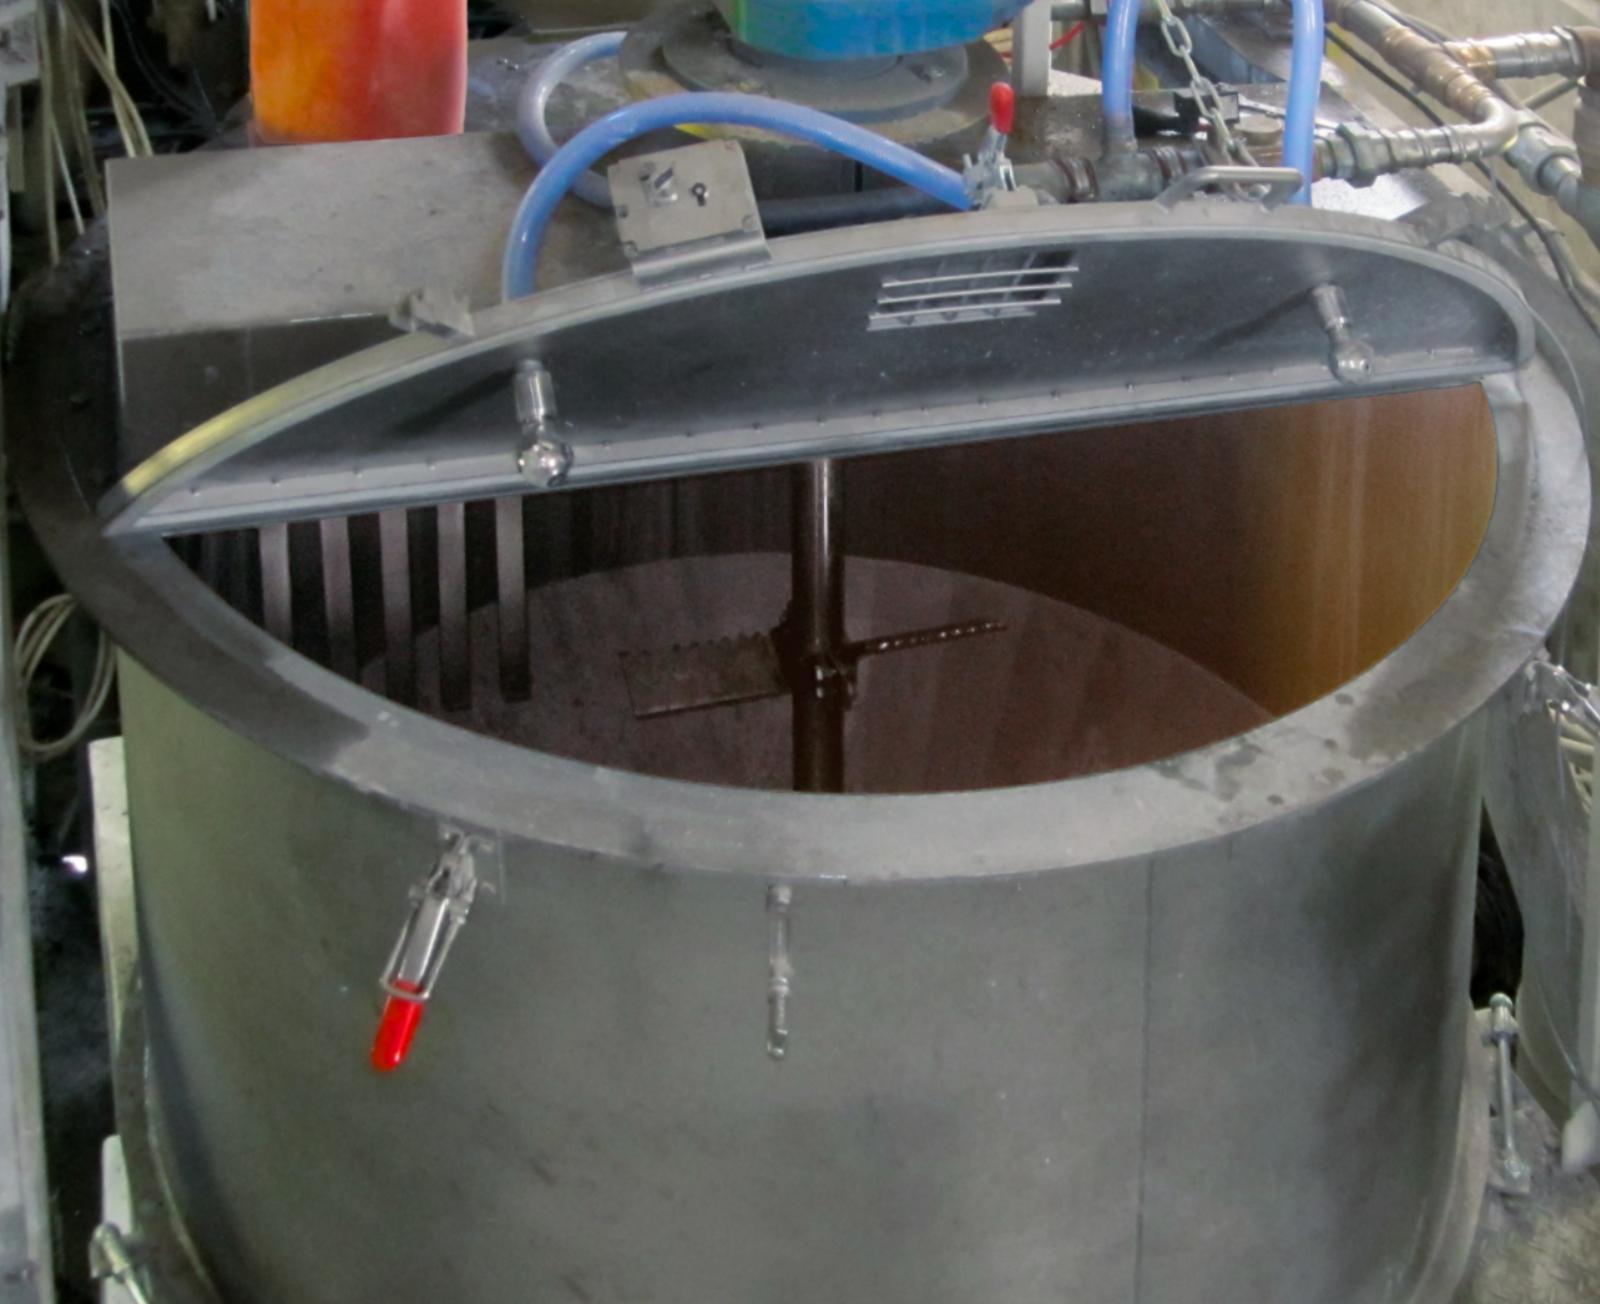 Zylindrischer Mischer mit geoeffnetem Mischerdeckel mit zentrischem Ruehrwerk und gezacktem Mischwerkzeug.